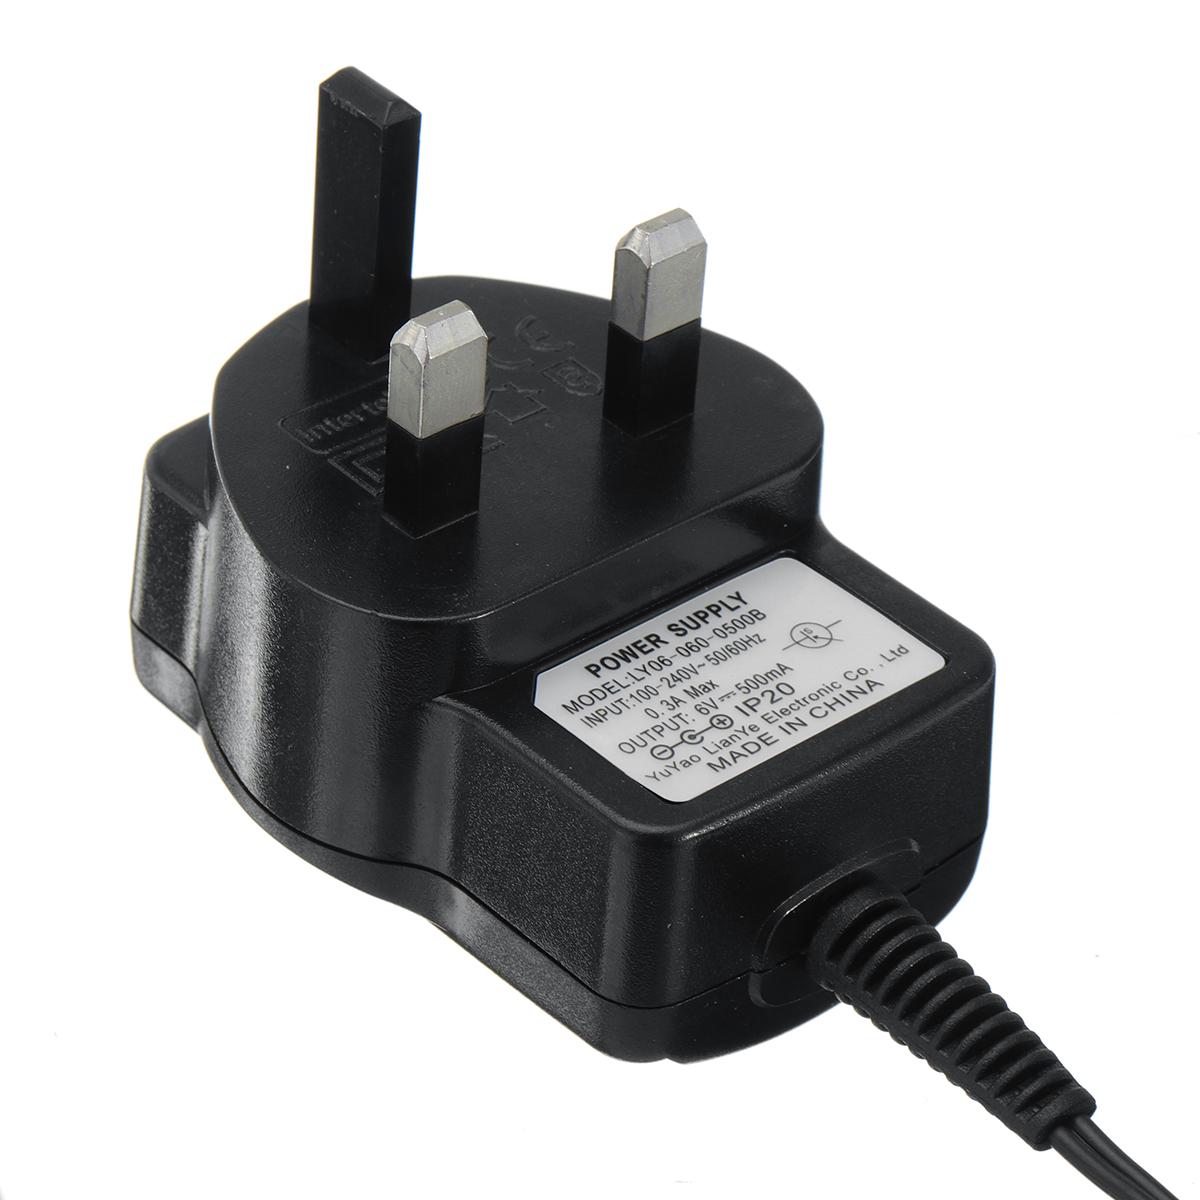 UK EU US AC-DC Adapter For Quick Electric Peeler 100-240AC 50/60HZ 0.3A